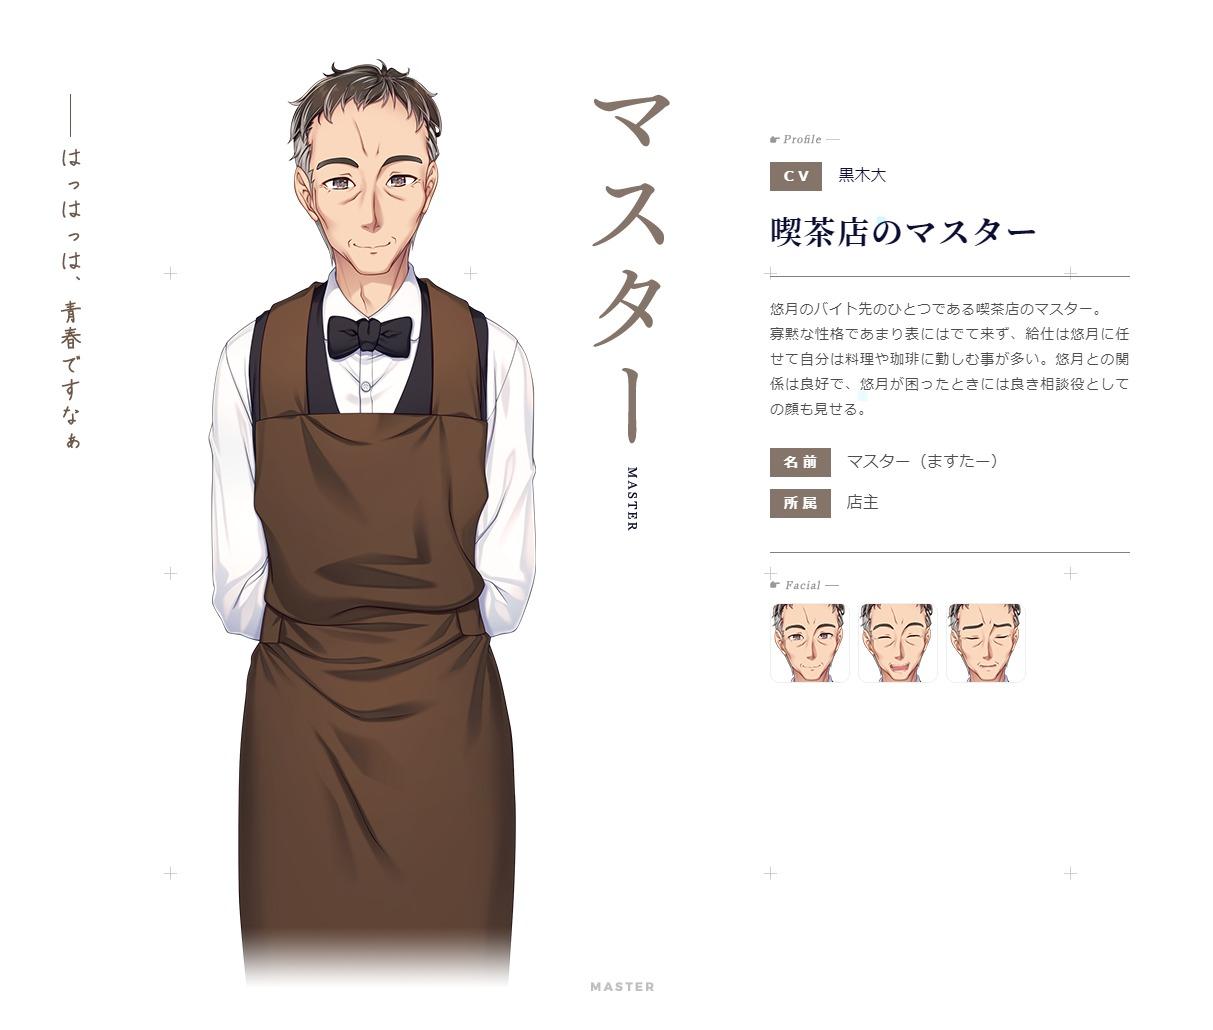 マスター(CV-黒木大)|サブキャラクター|ゆびさきコネクション-公式サイト